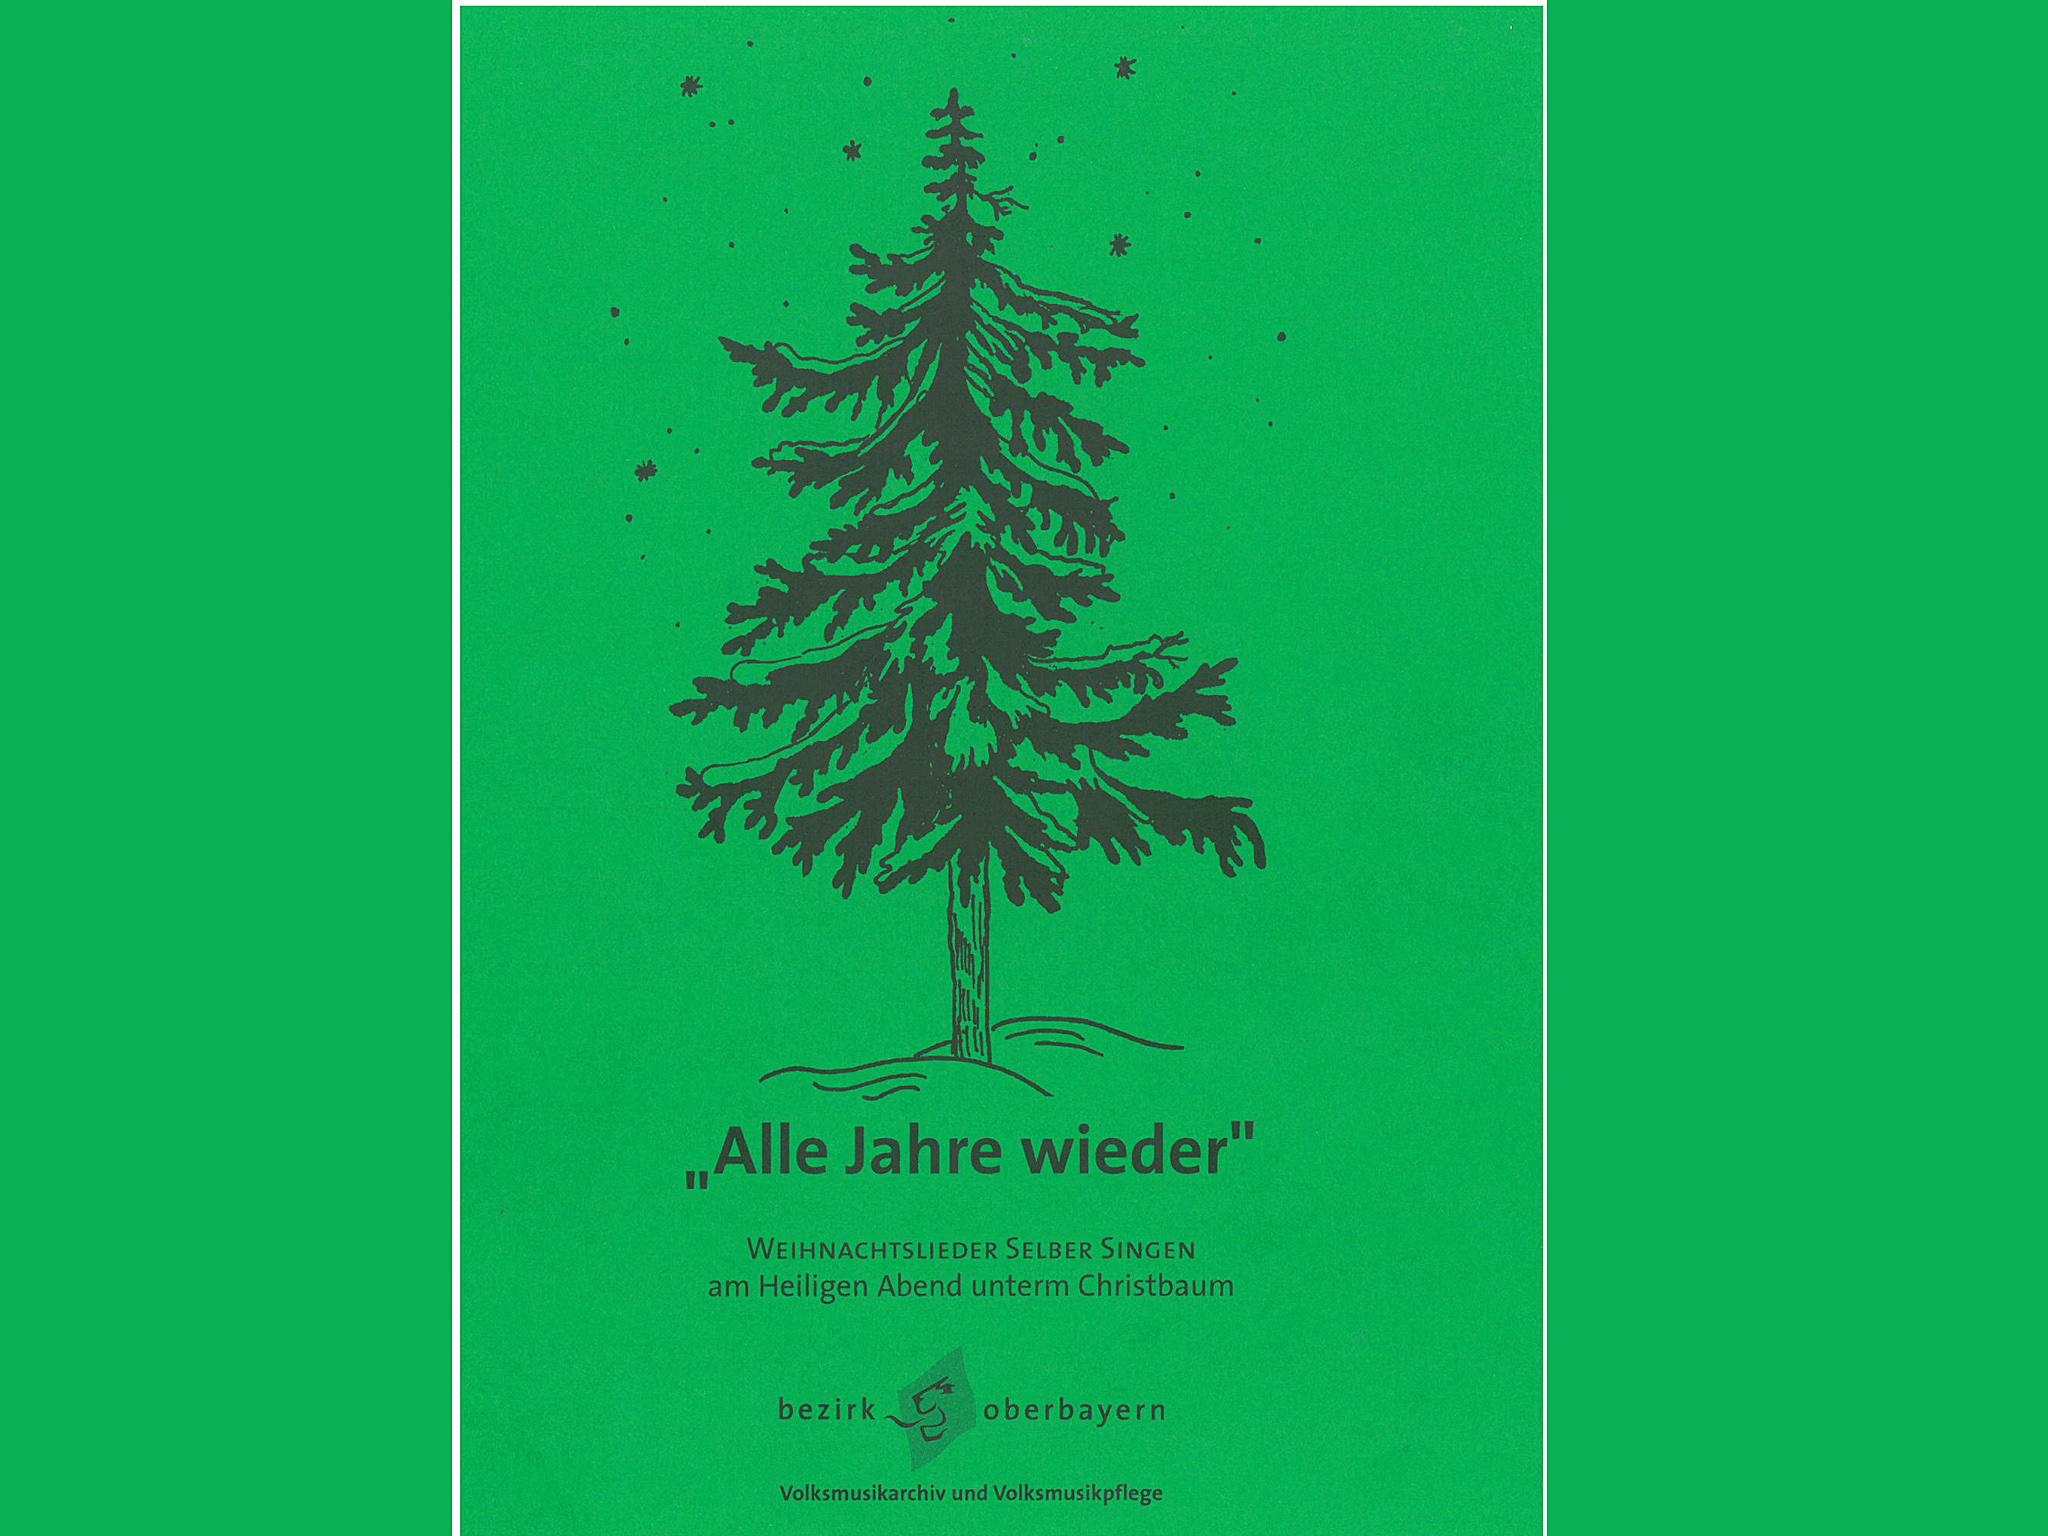 Weihnachtslieder Zum Mitsingen.Advent Und Weihnachtslieder Zum Mitsingen